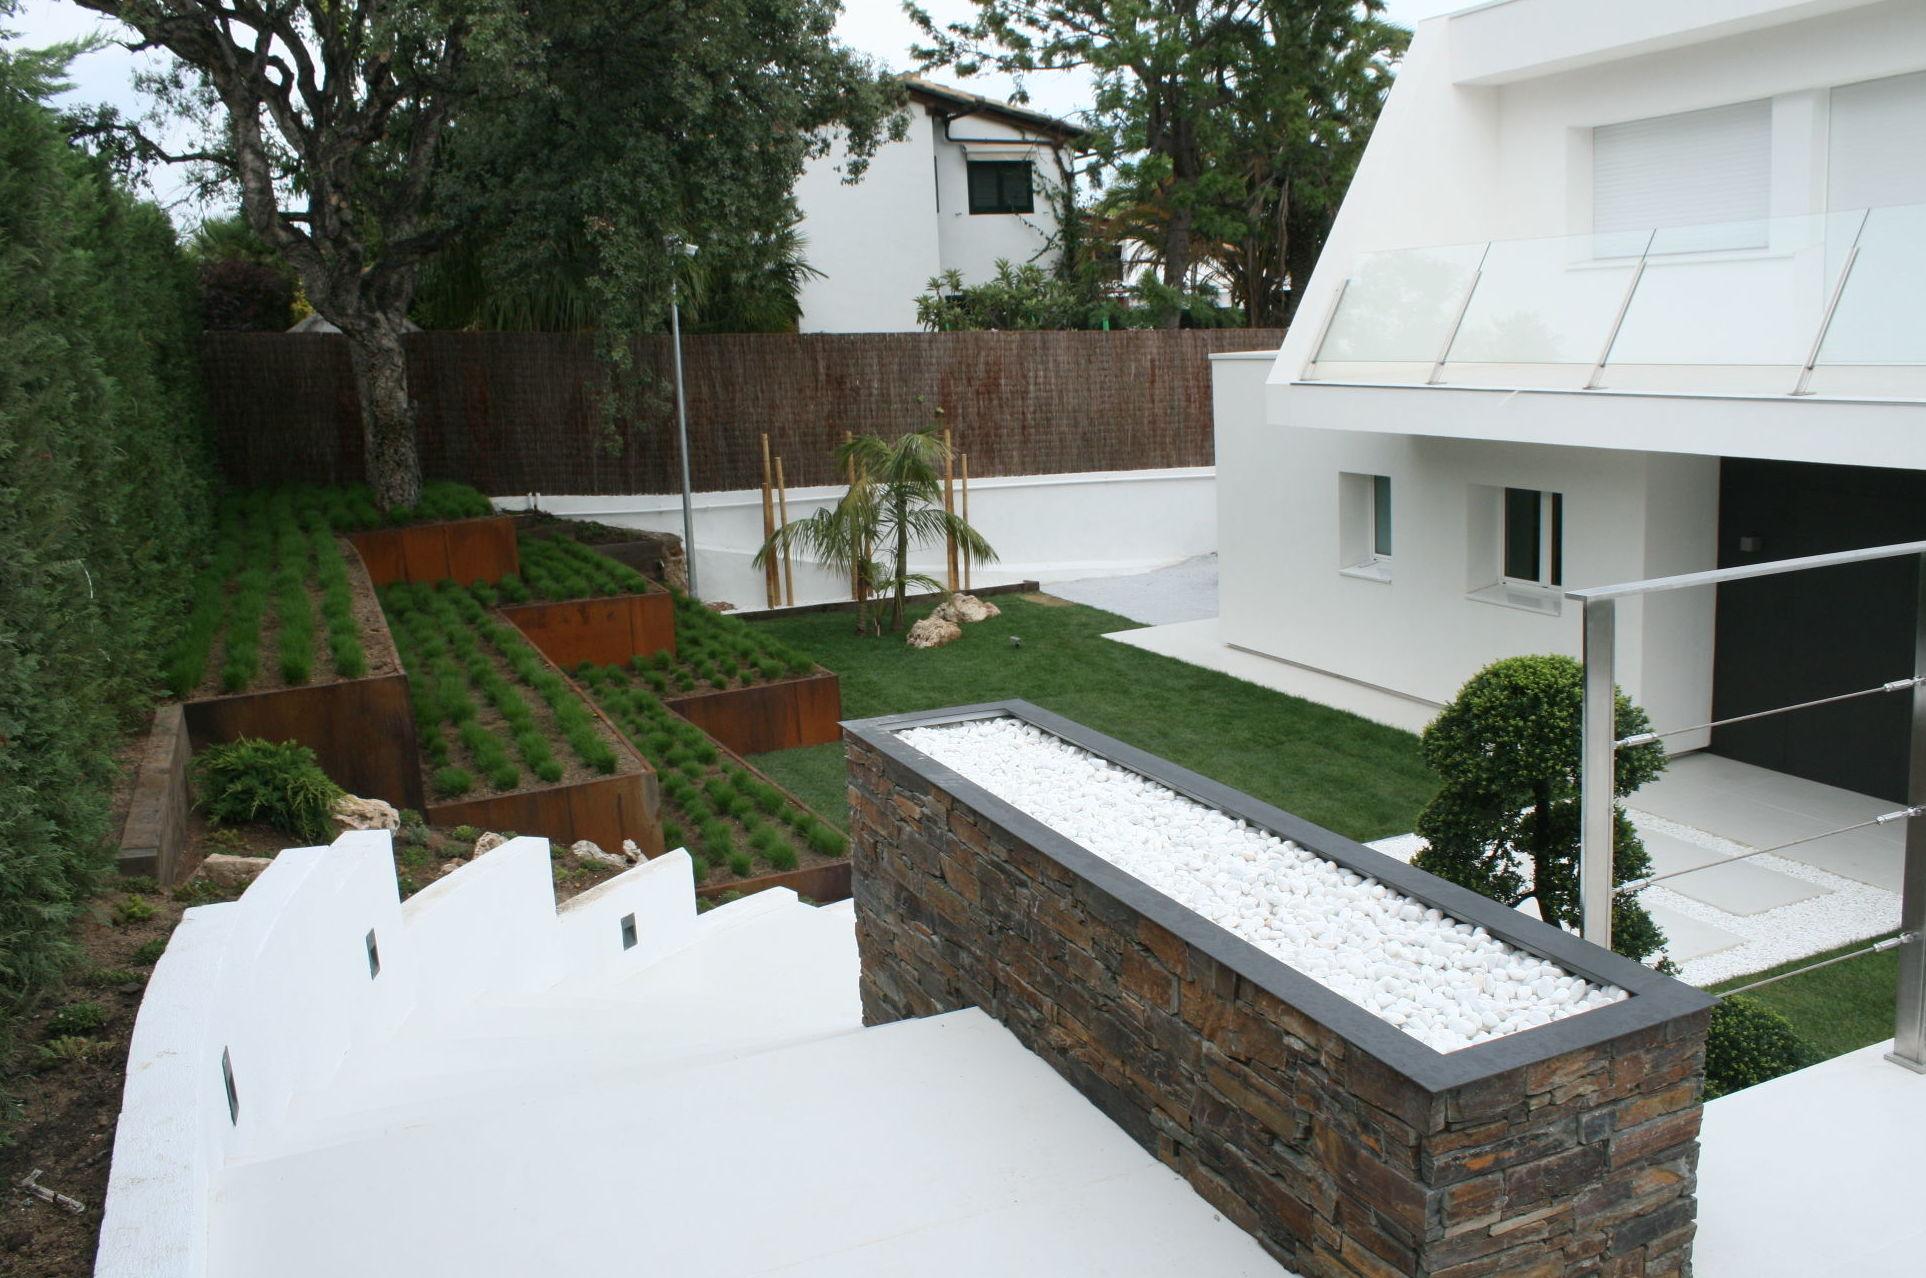 Jardines modernos minimalistas the for Casas minimalistas fotos